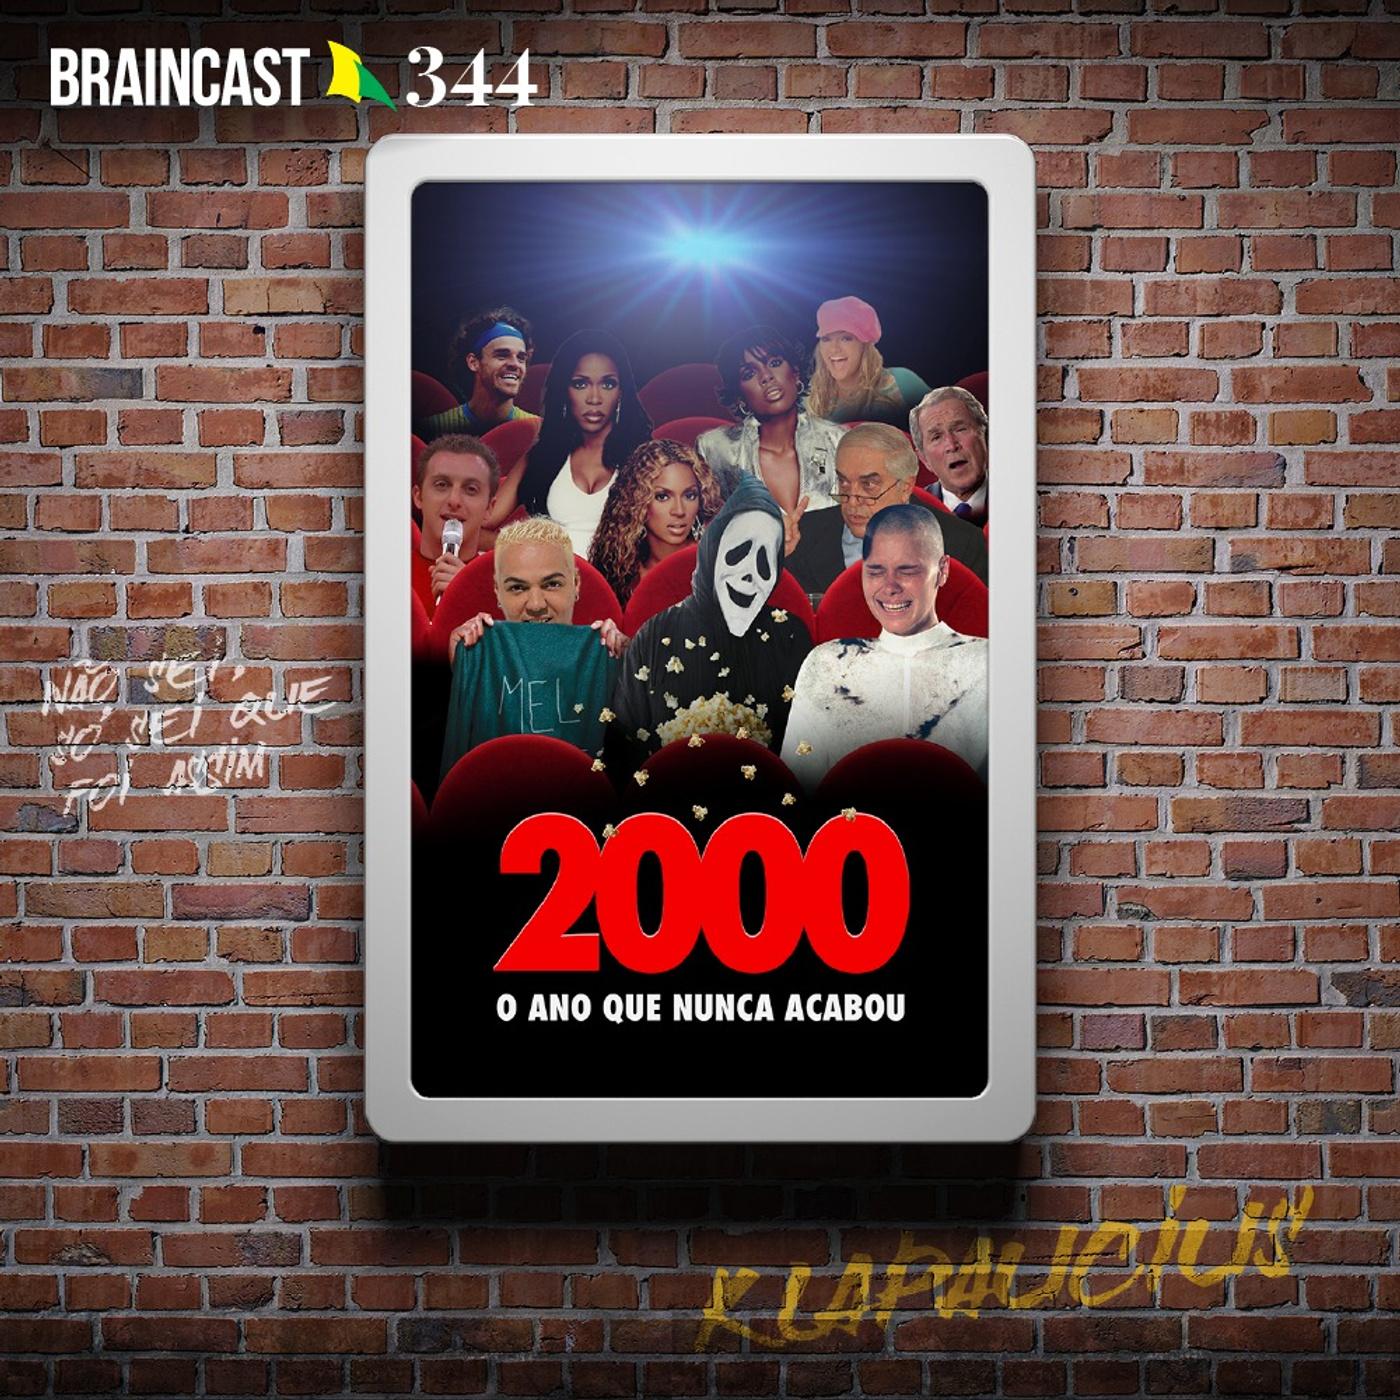 2000, o ano que nunca acabou